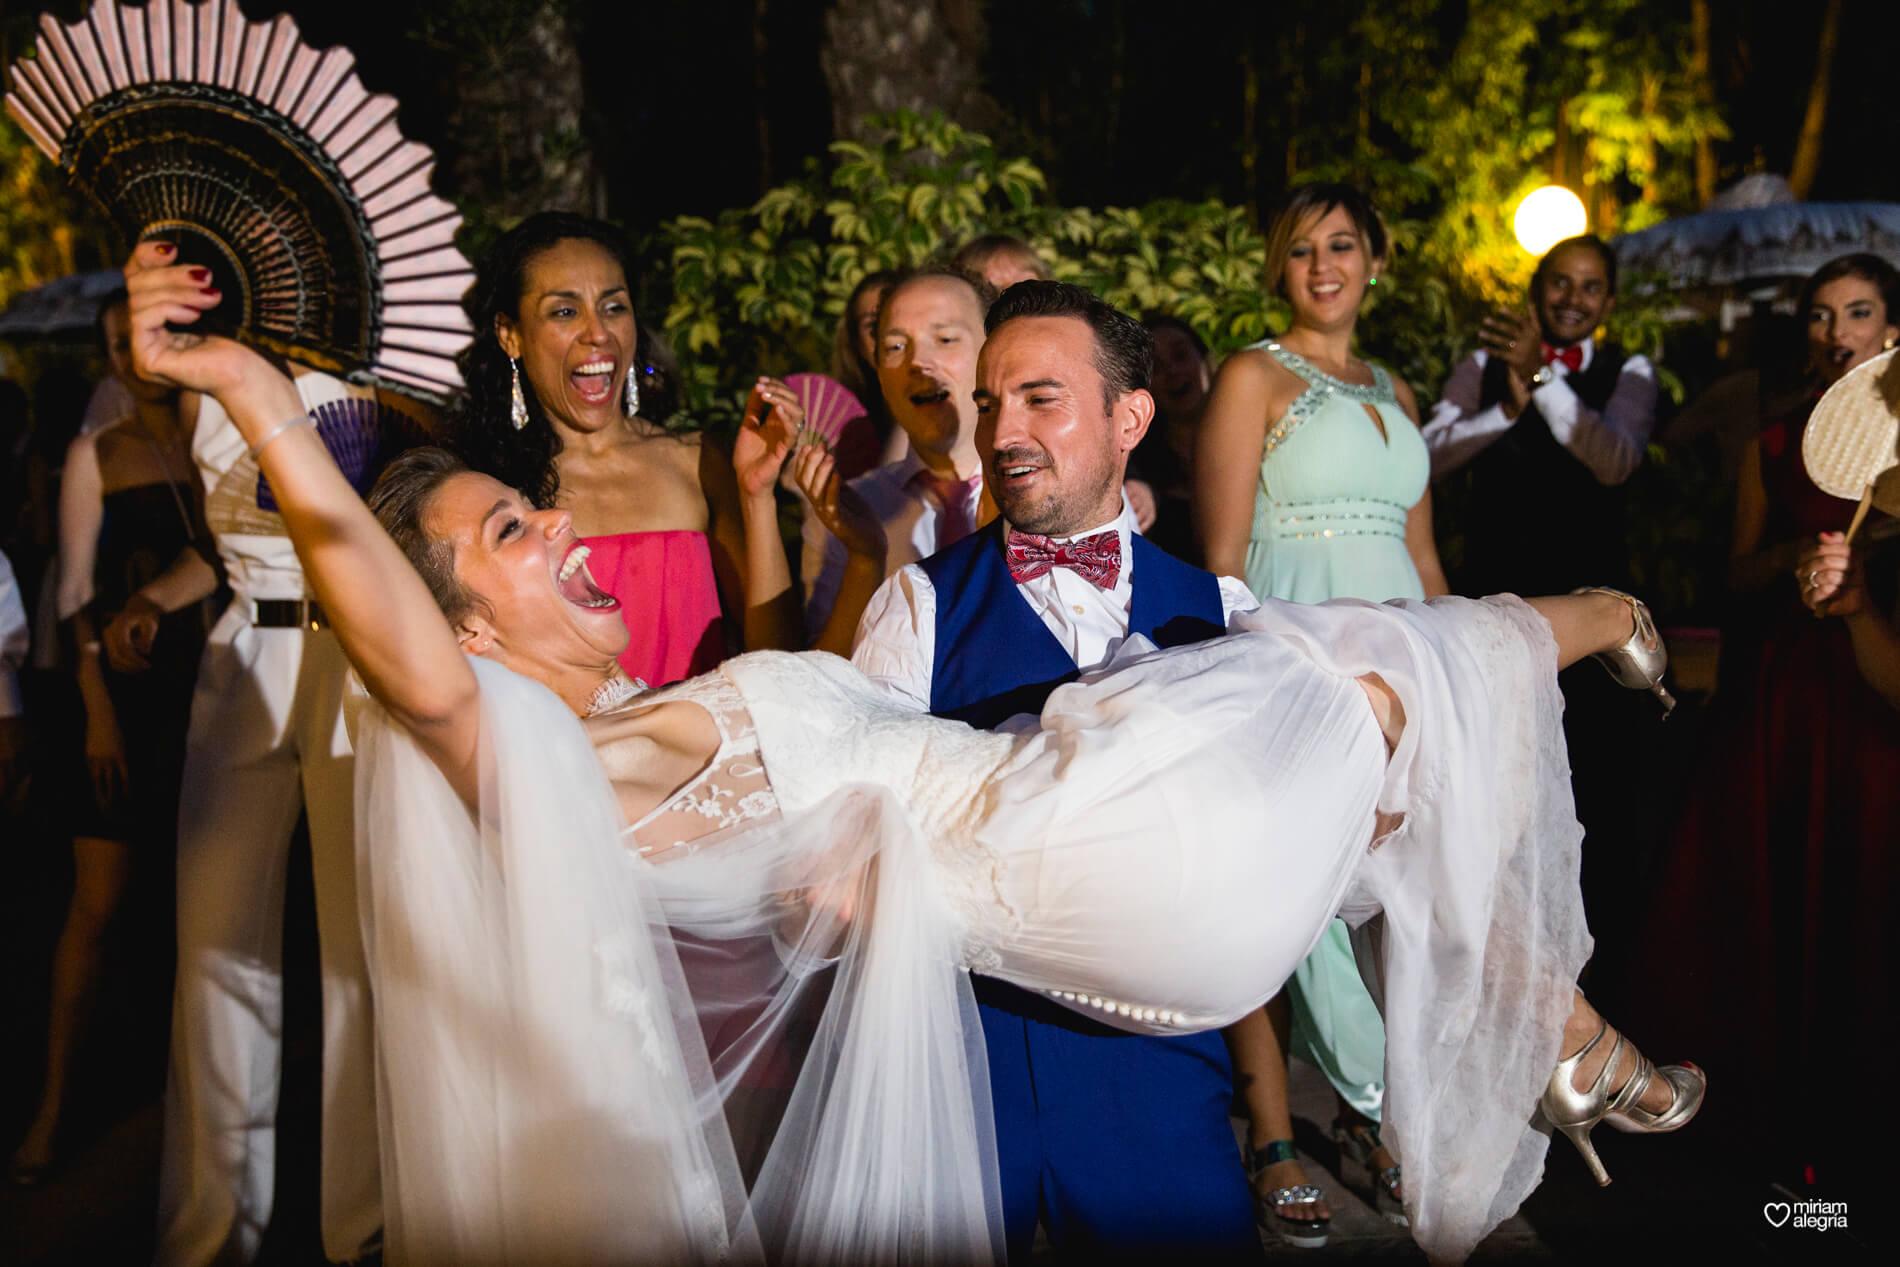 wedding-huerto-del-cura-elche-miriam-alegria-fotografos-boda-77